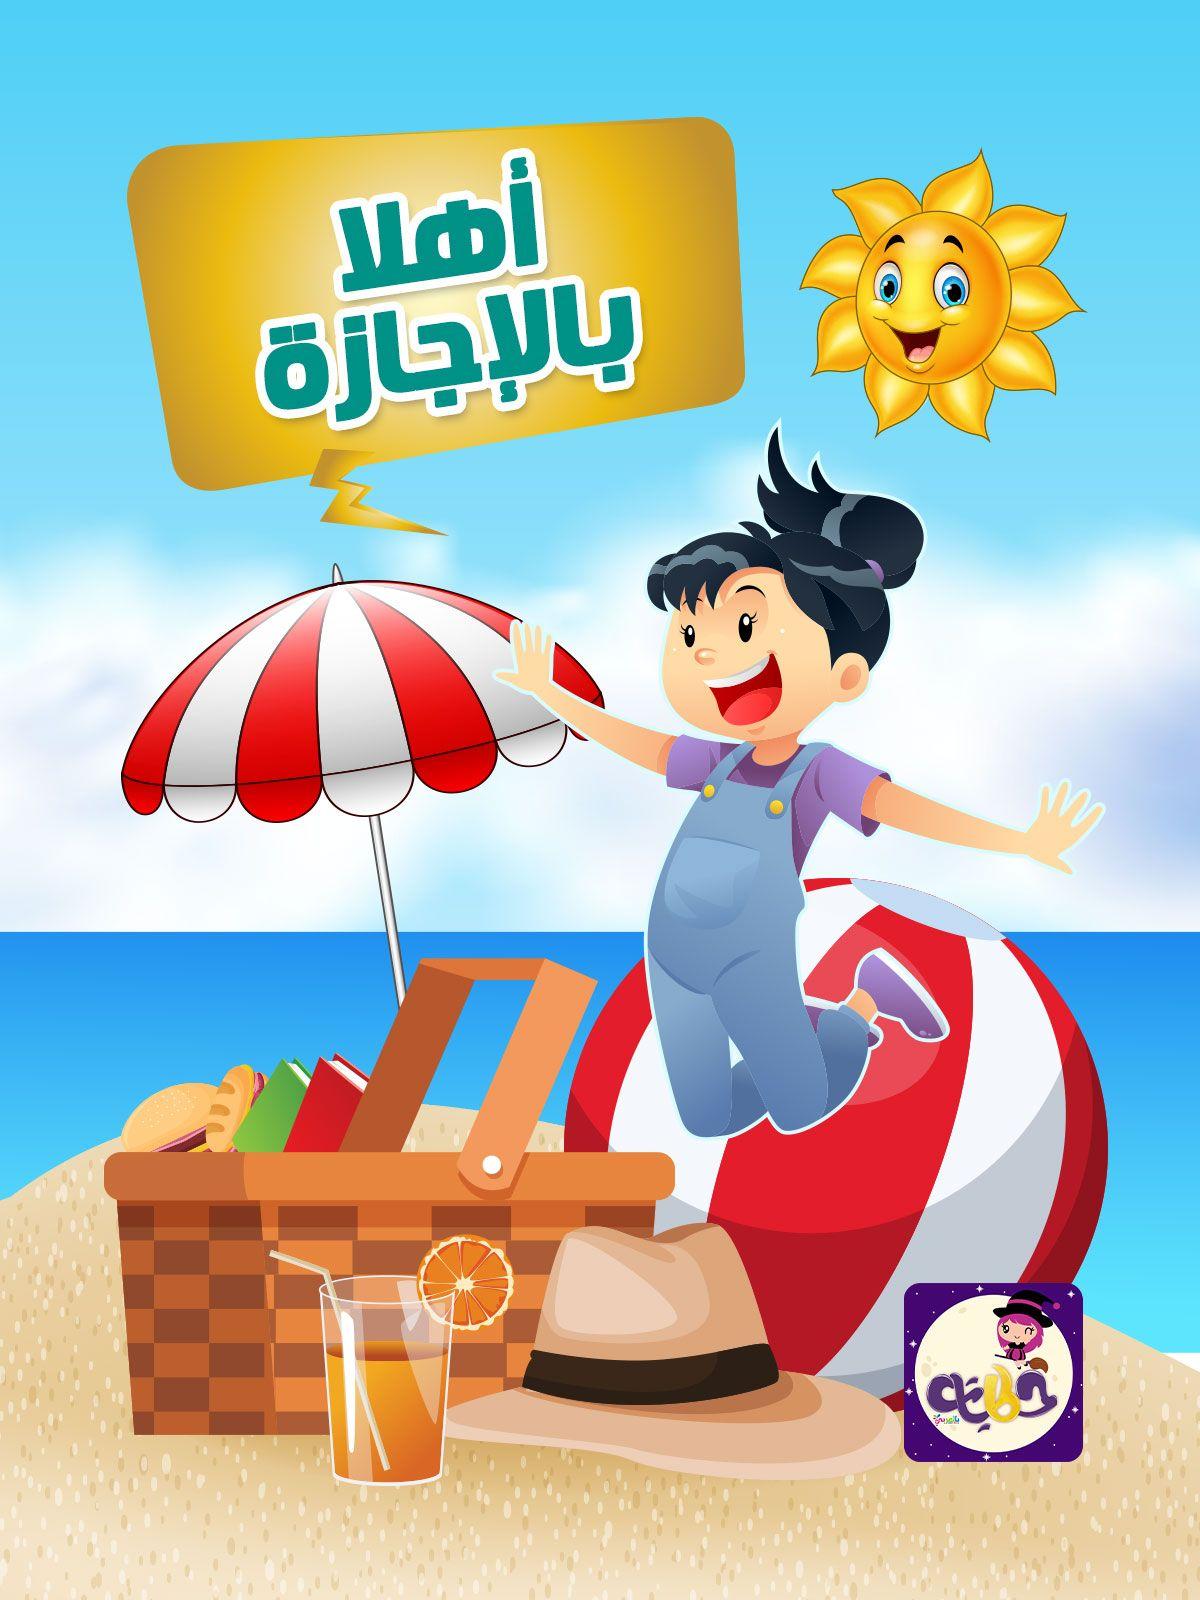 قصة أهلا بالإجازة قصص الاجازة بالصور للاطفال قصص الصيف للاطفال تطبيق حكايات بالعربي Character Tweety Fictional Characters